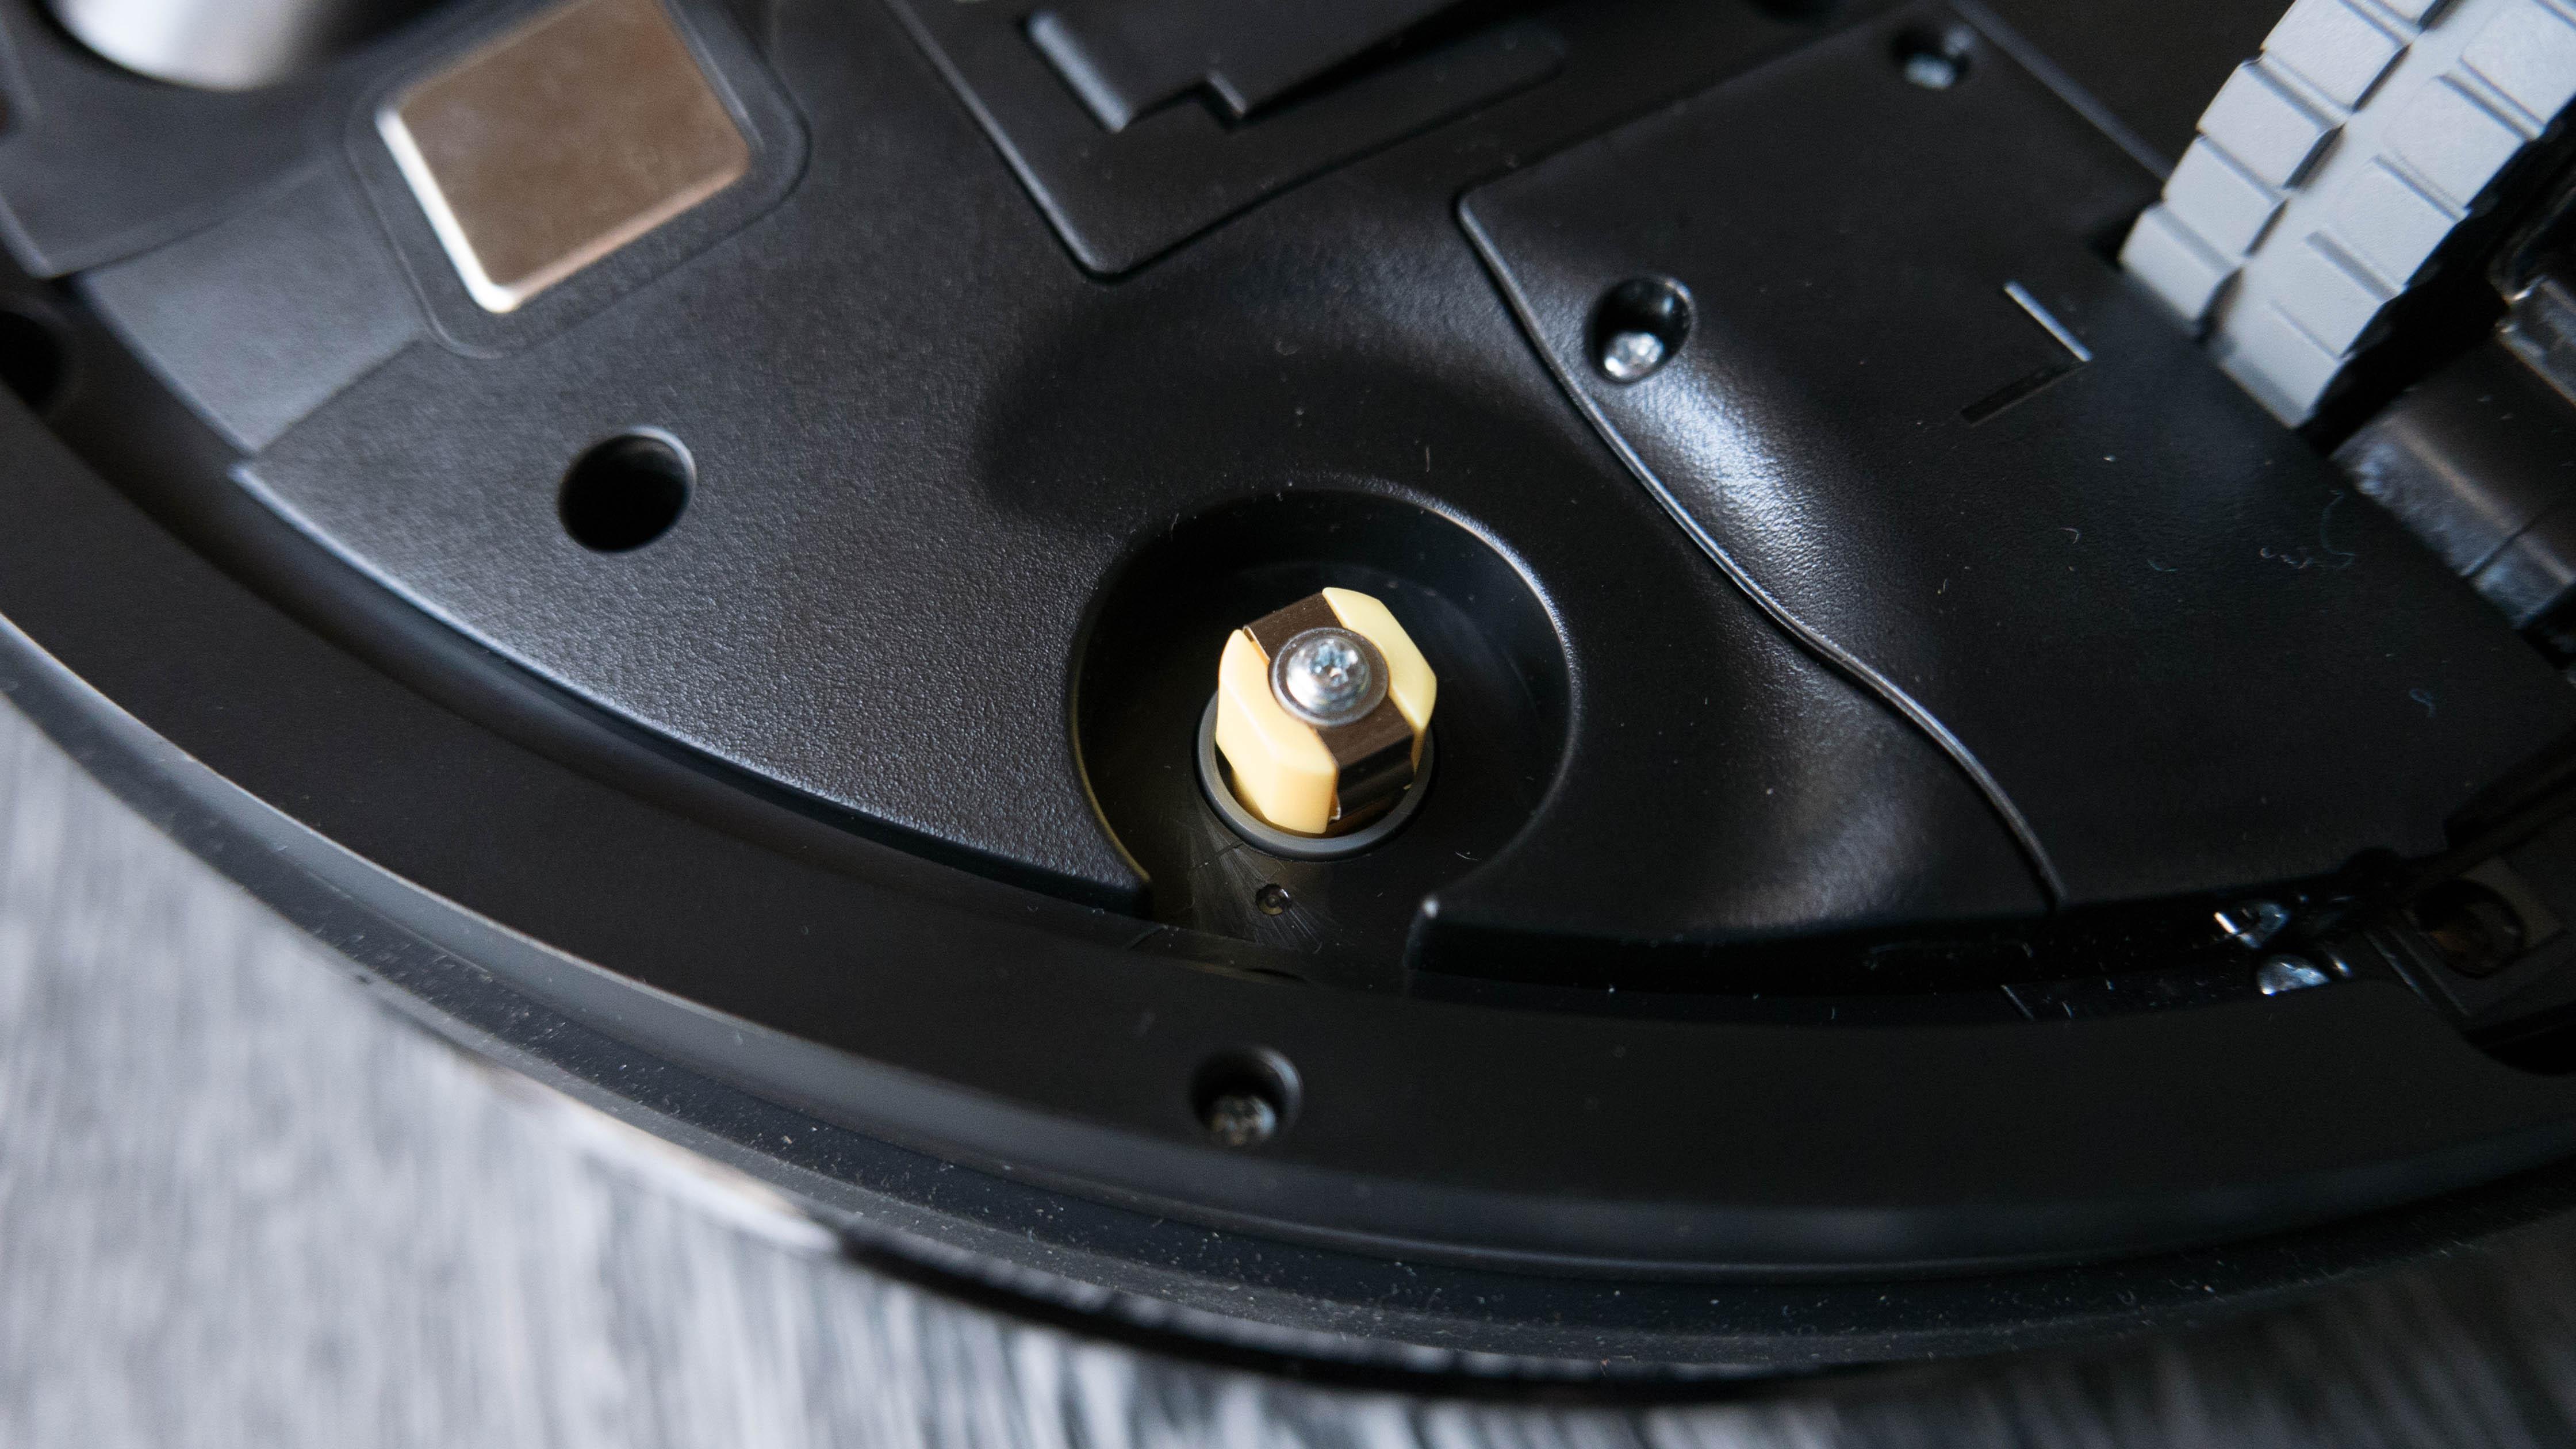 ILIFE V80 Details 18